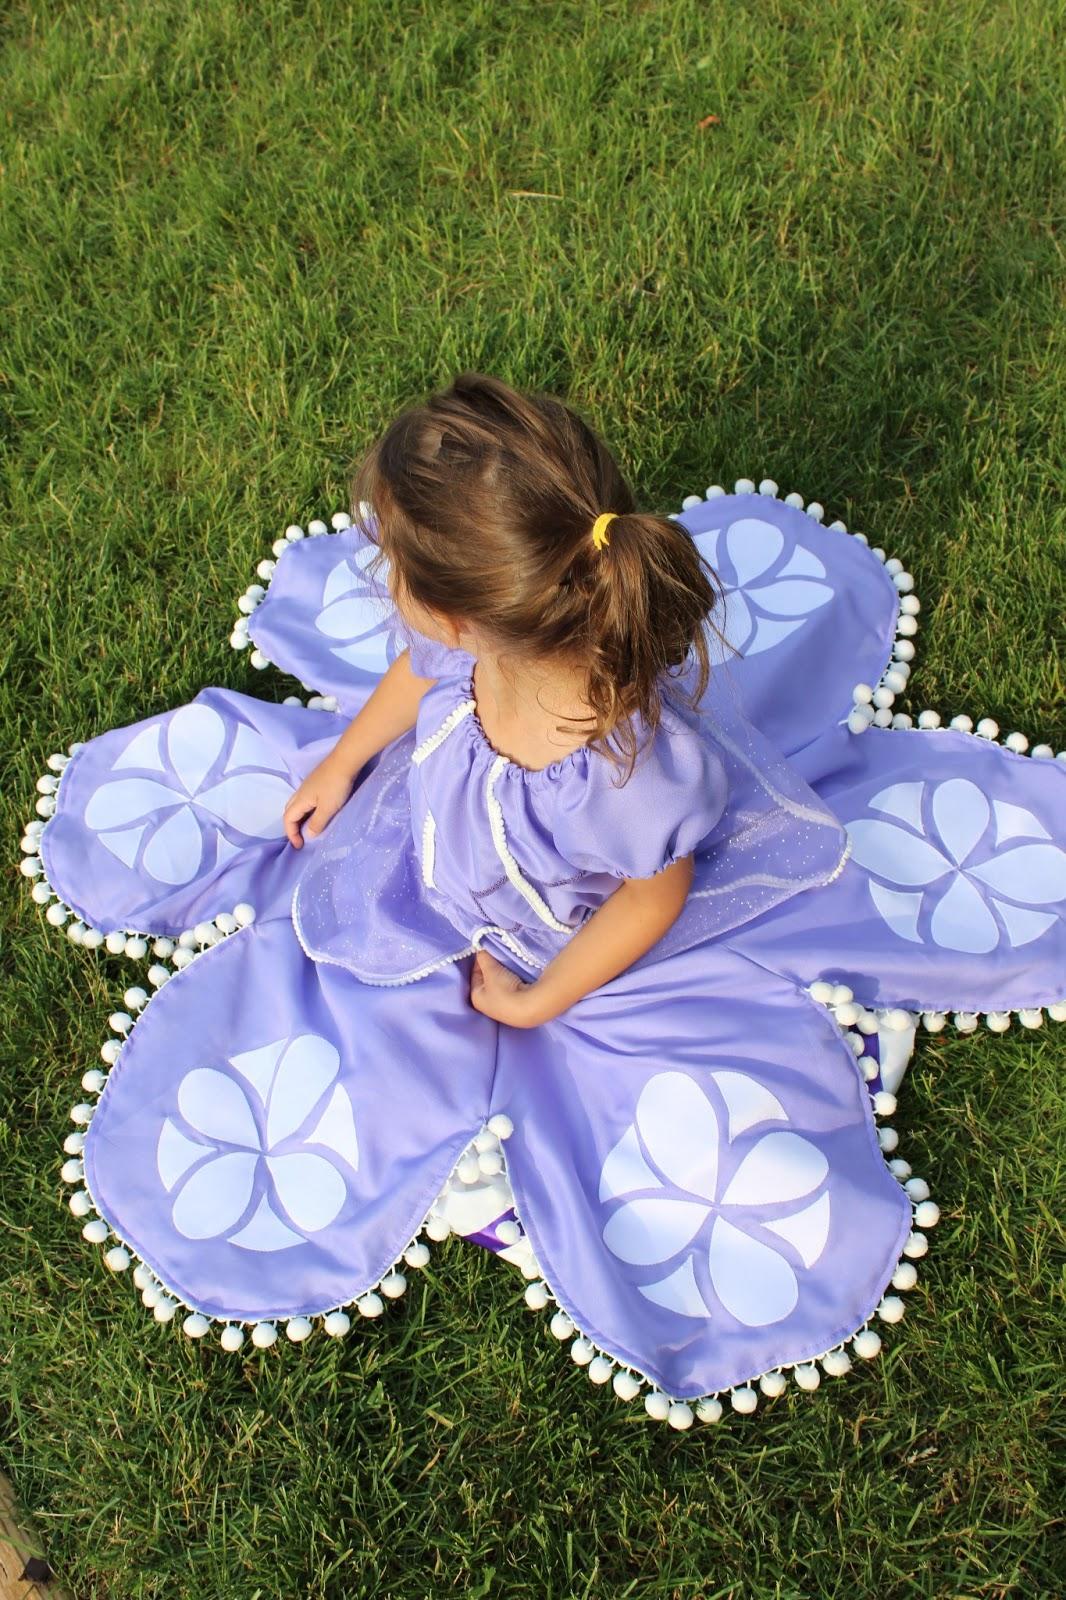 Jillian Sews Sofia The First Dress